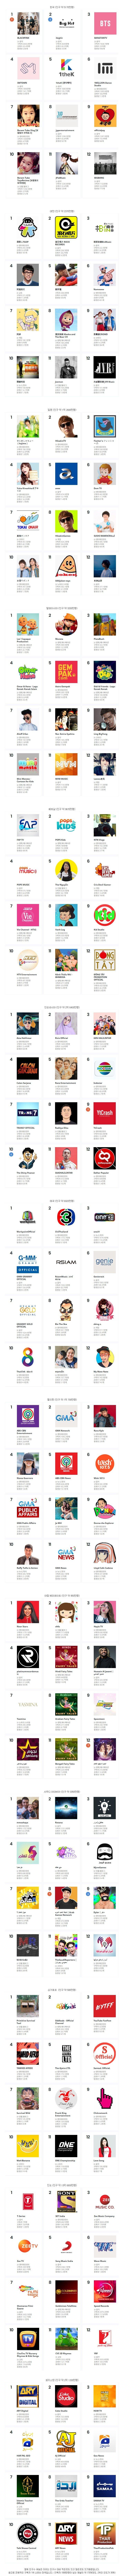 KAV59NN.jpg 아시아 주요 국가들 유튜브 구독자 순위